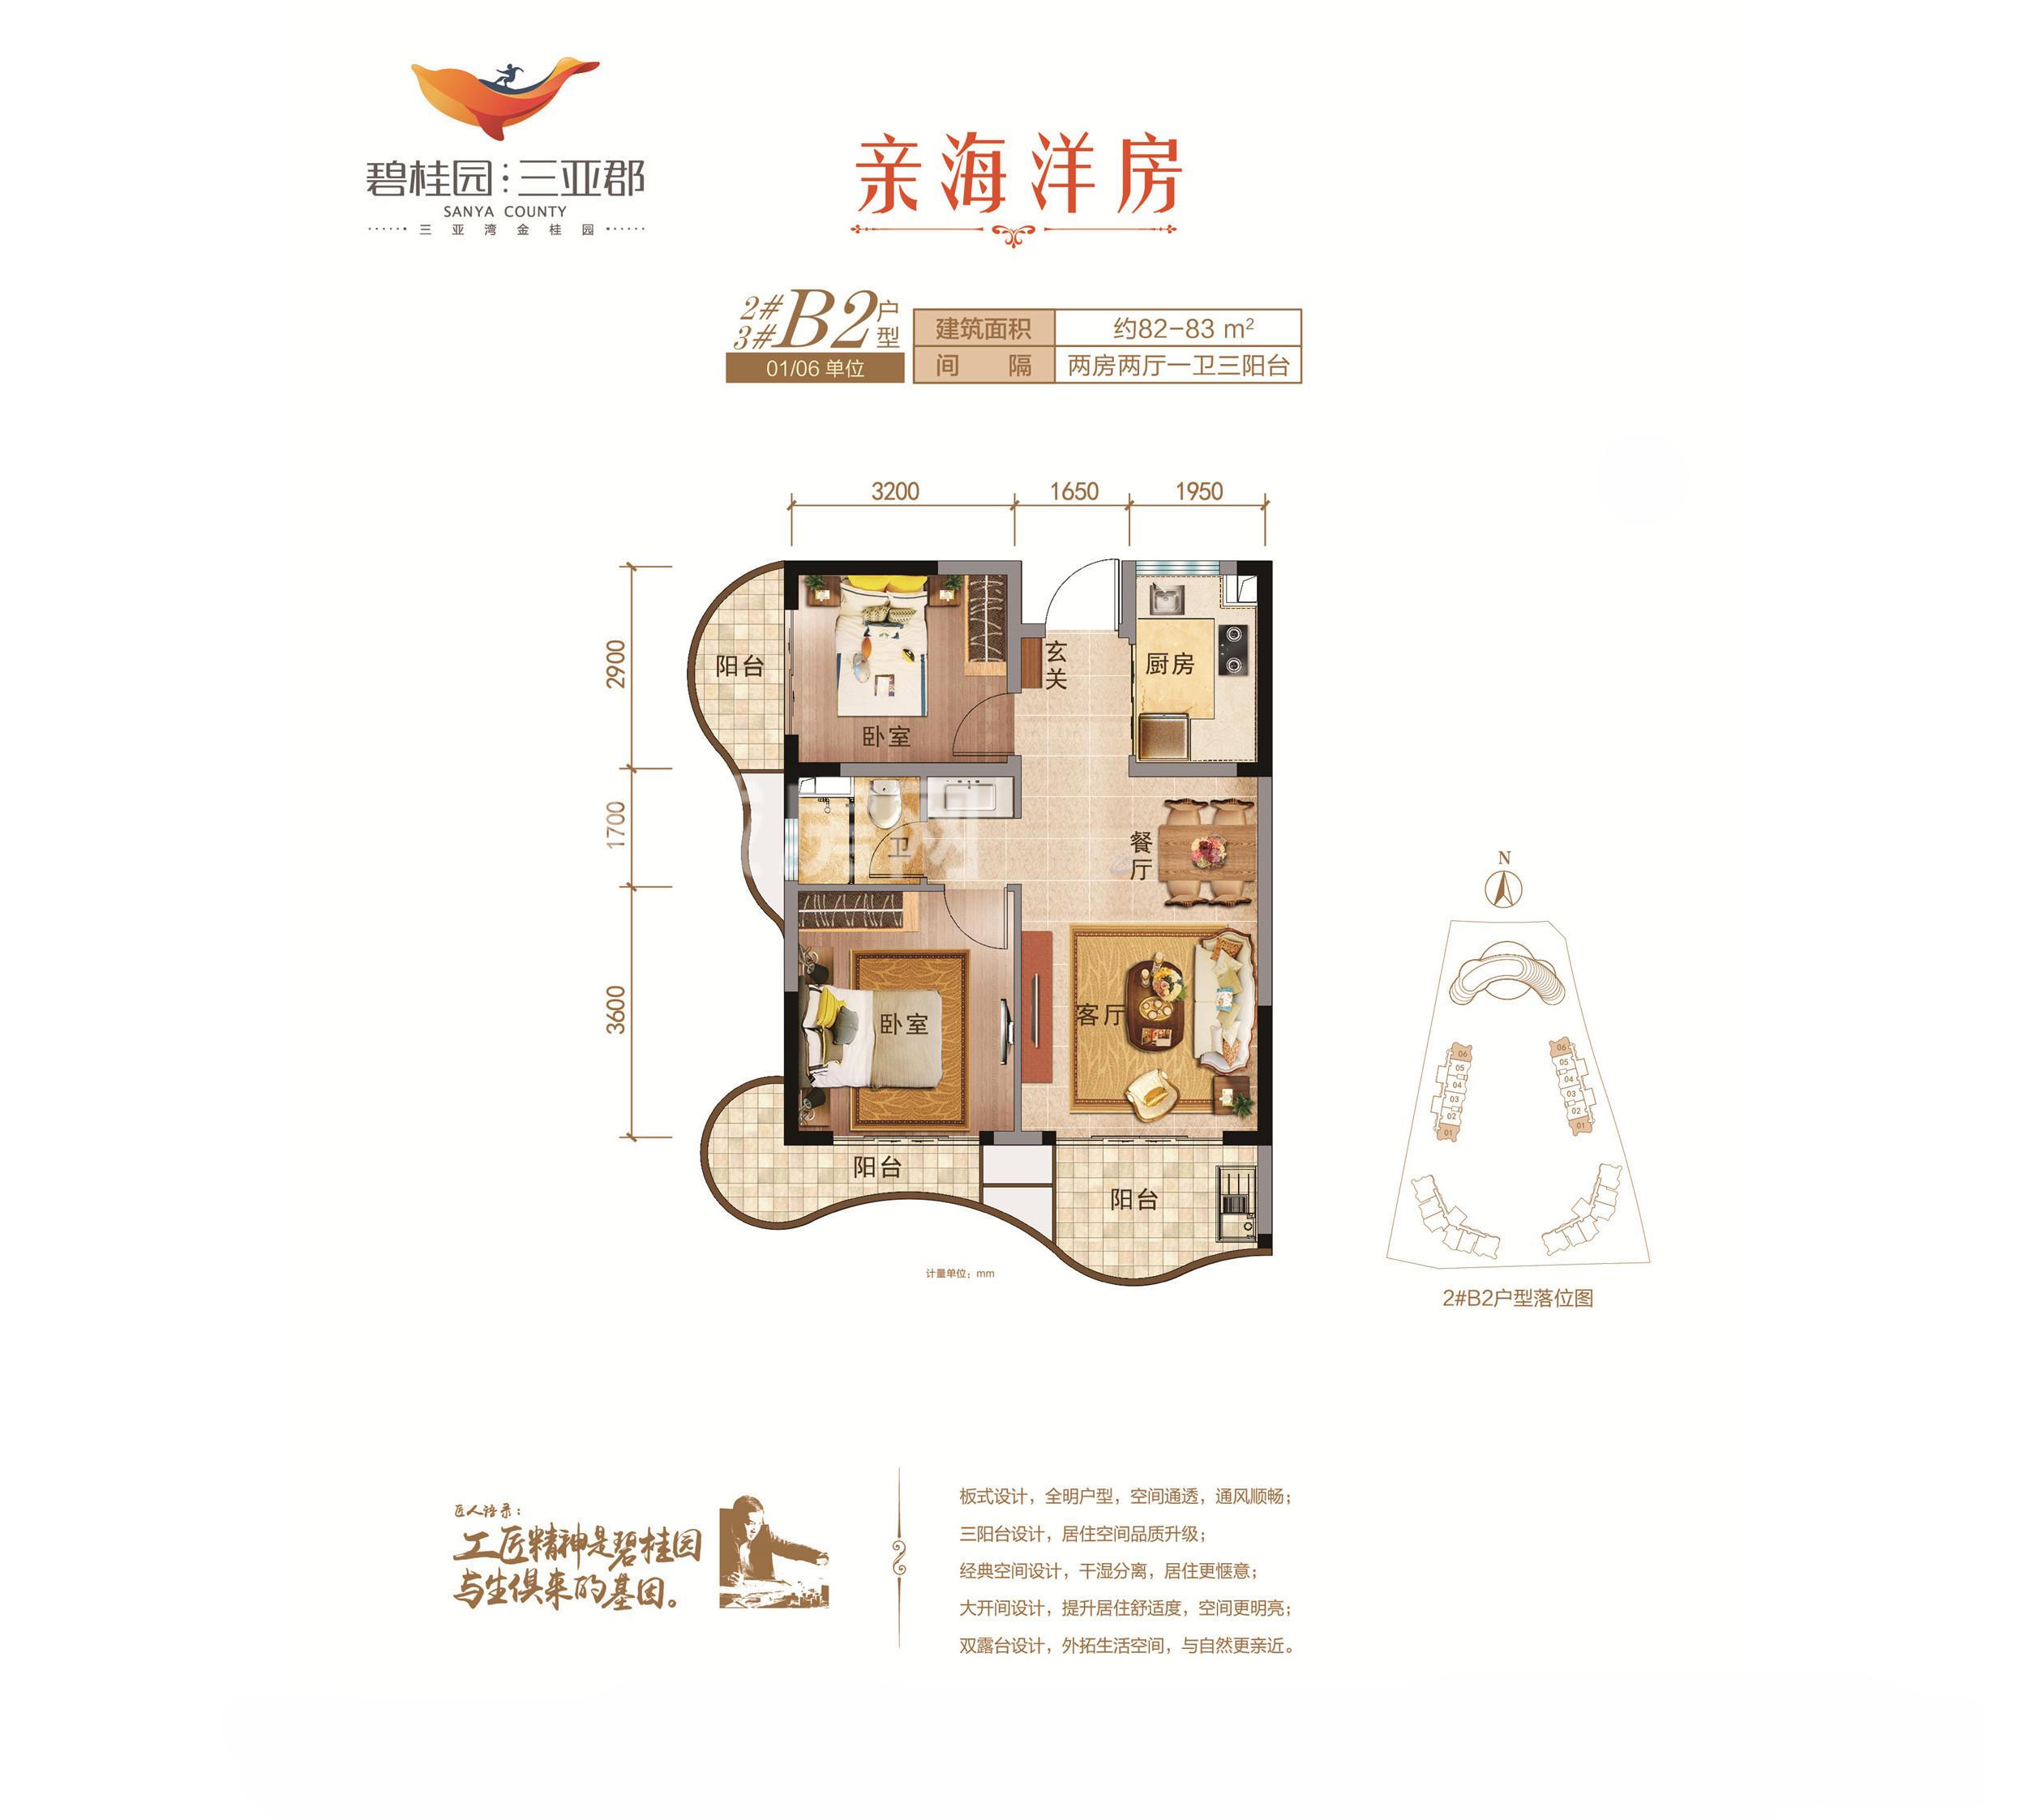 碧桂园三亚郡2室2厅1卫 (建筑面积:83.00㎡)